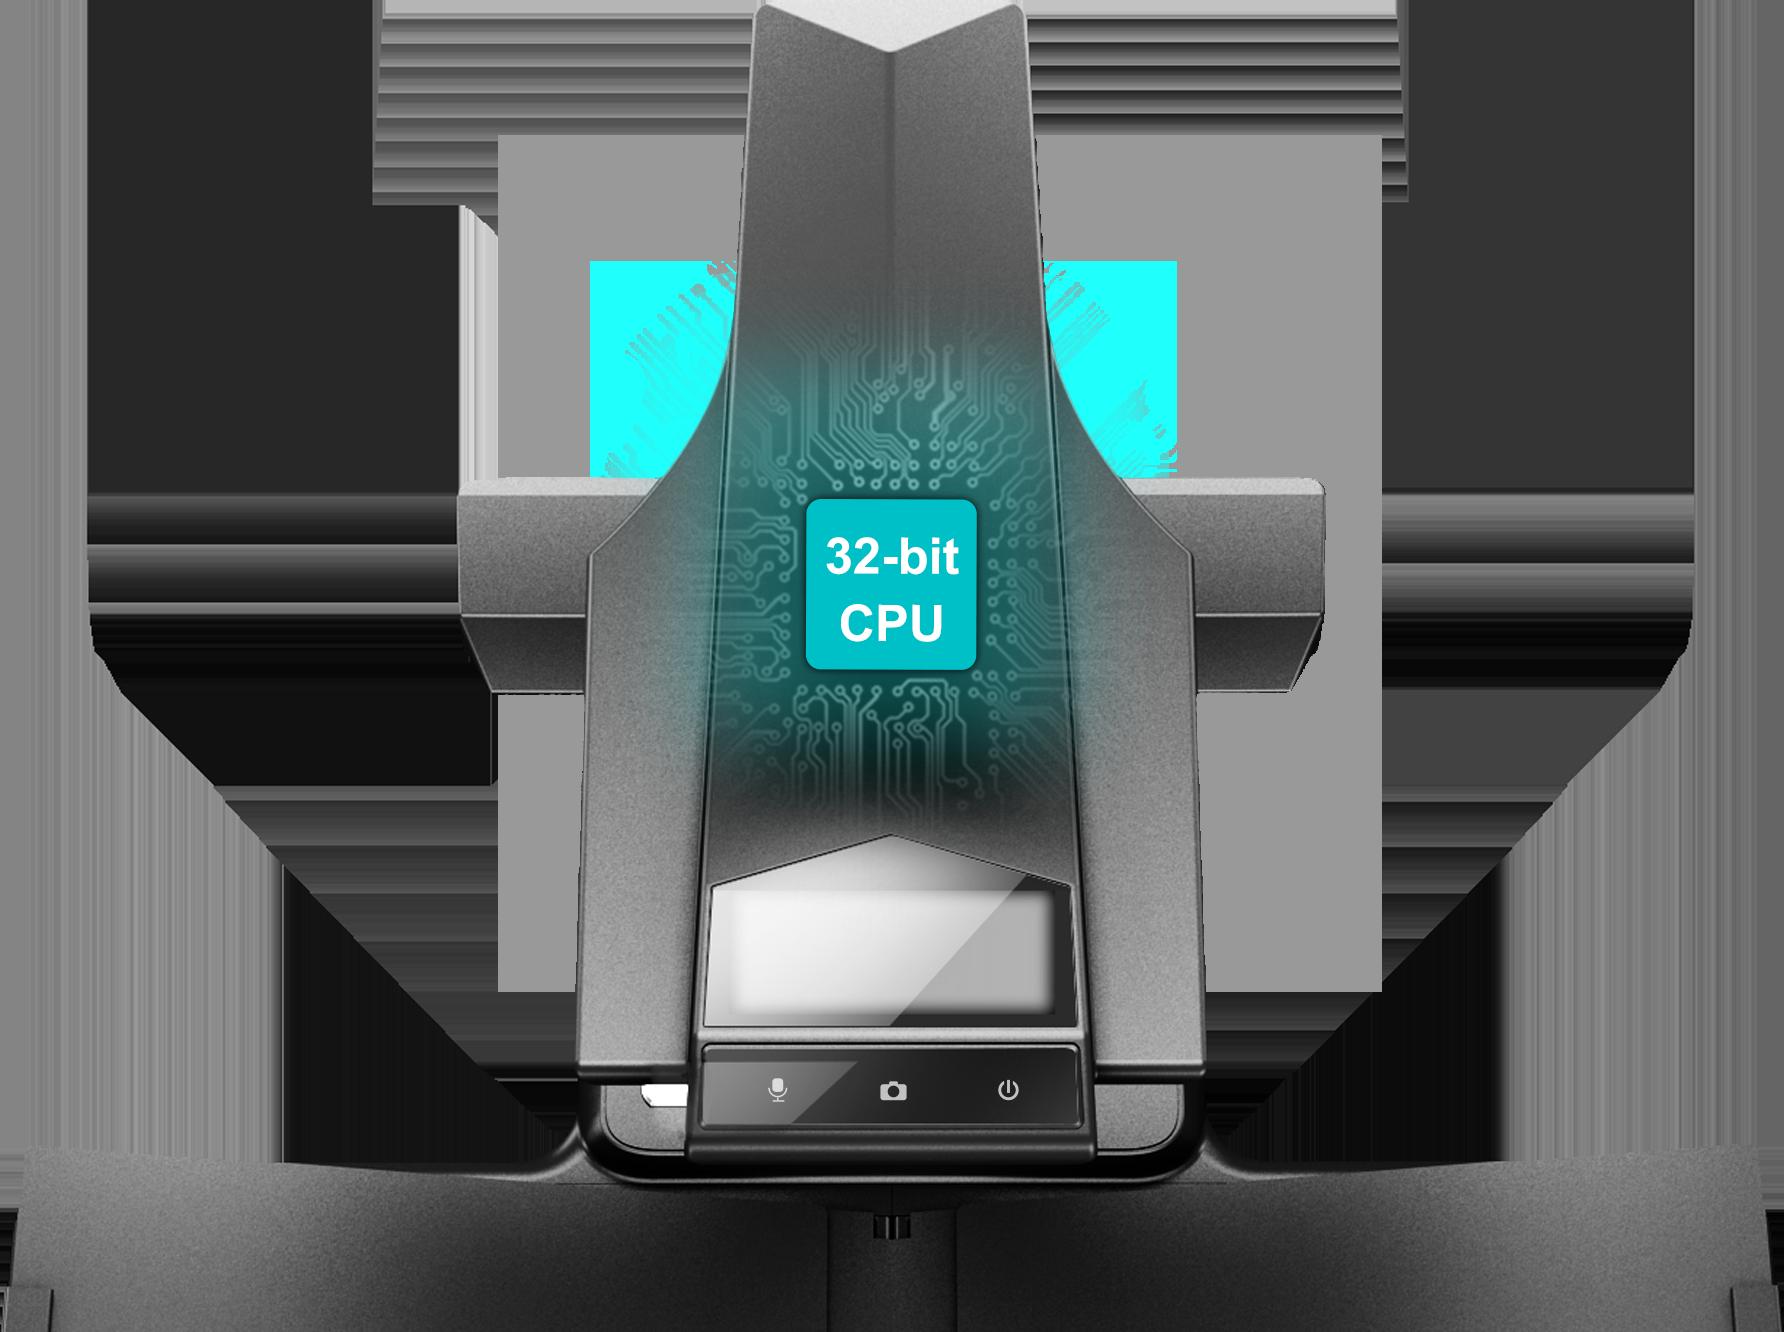 CZUR M3000 Pro Professional Book Scanner – 32 bit MIPS CPU